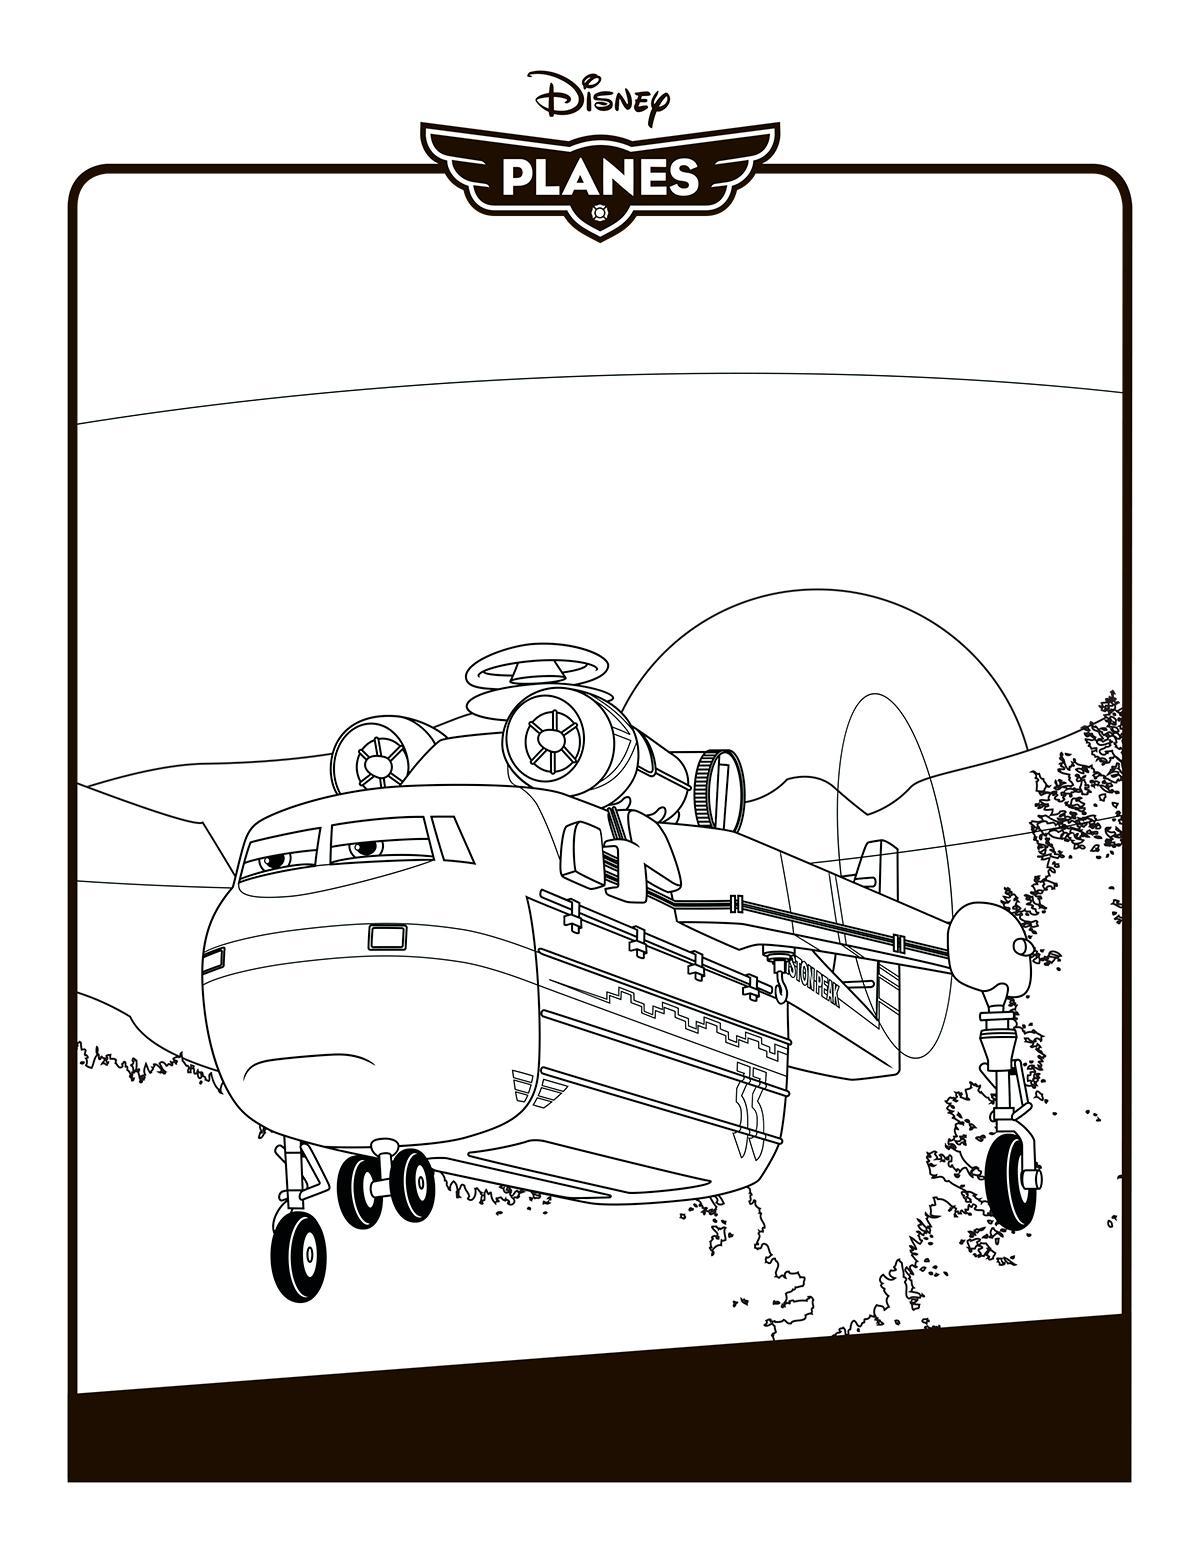 Самолеты дисней, вертолет для перевозки грузов Раскраски для мальчиков